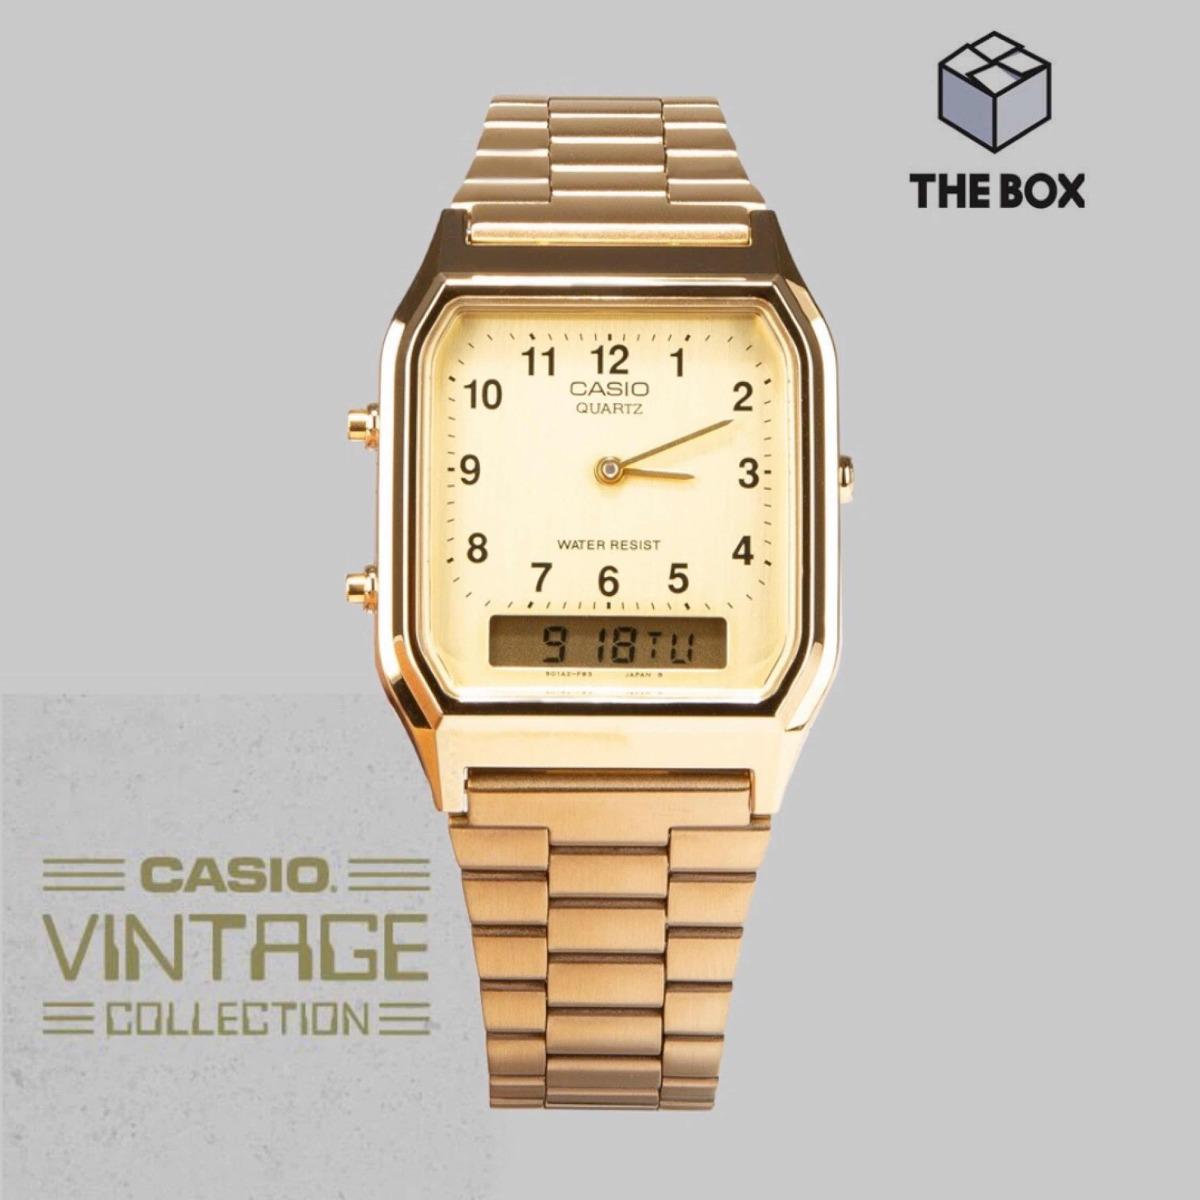 b39c1d79469b reloj casio vintage original aq230 dorado envío gratis. Cargando zoom.